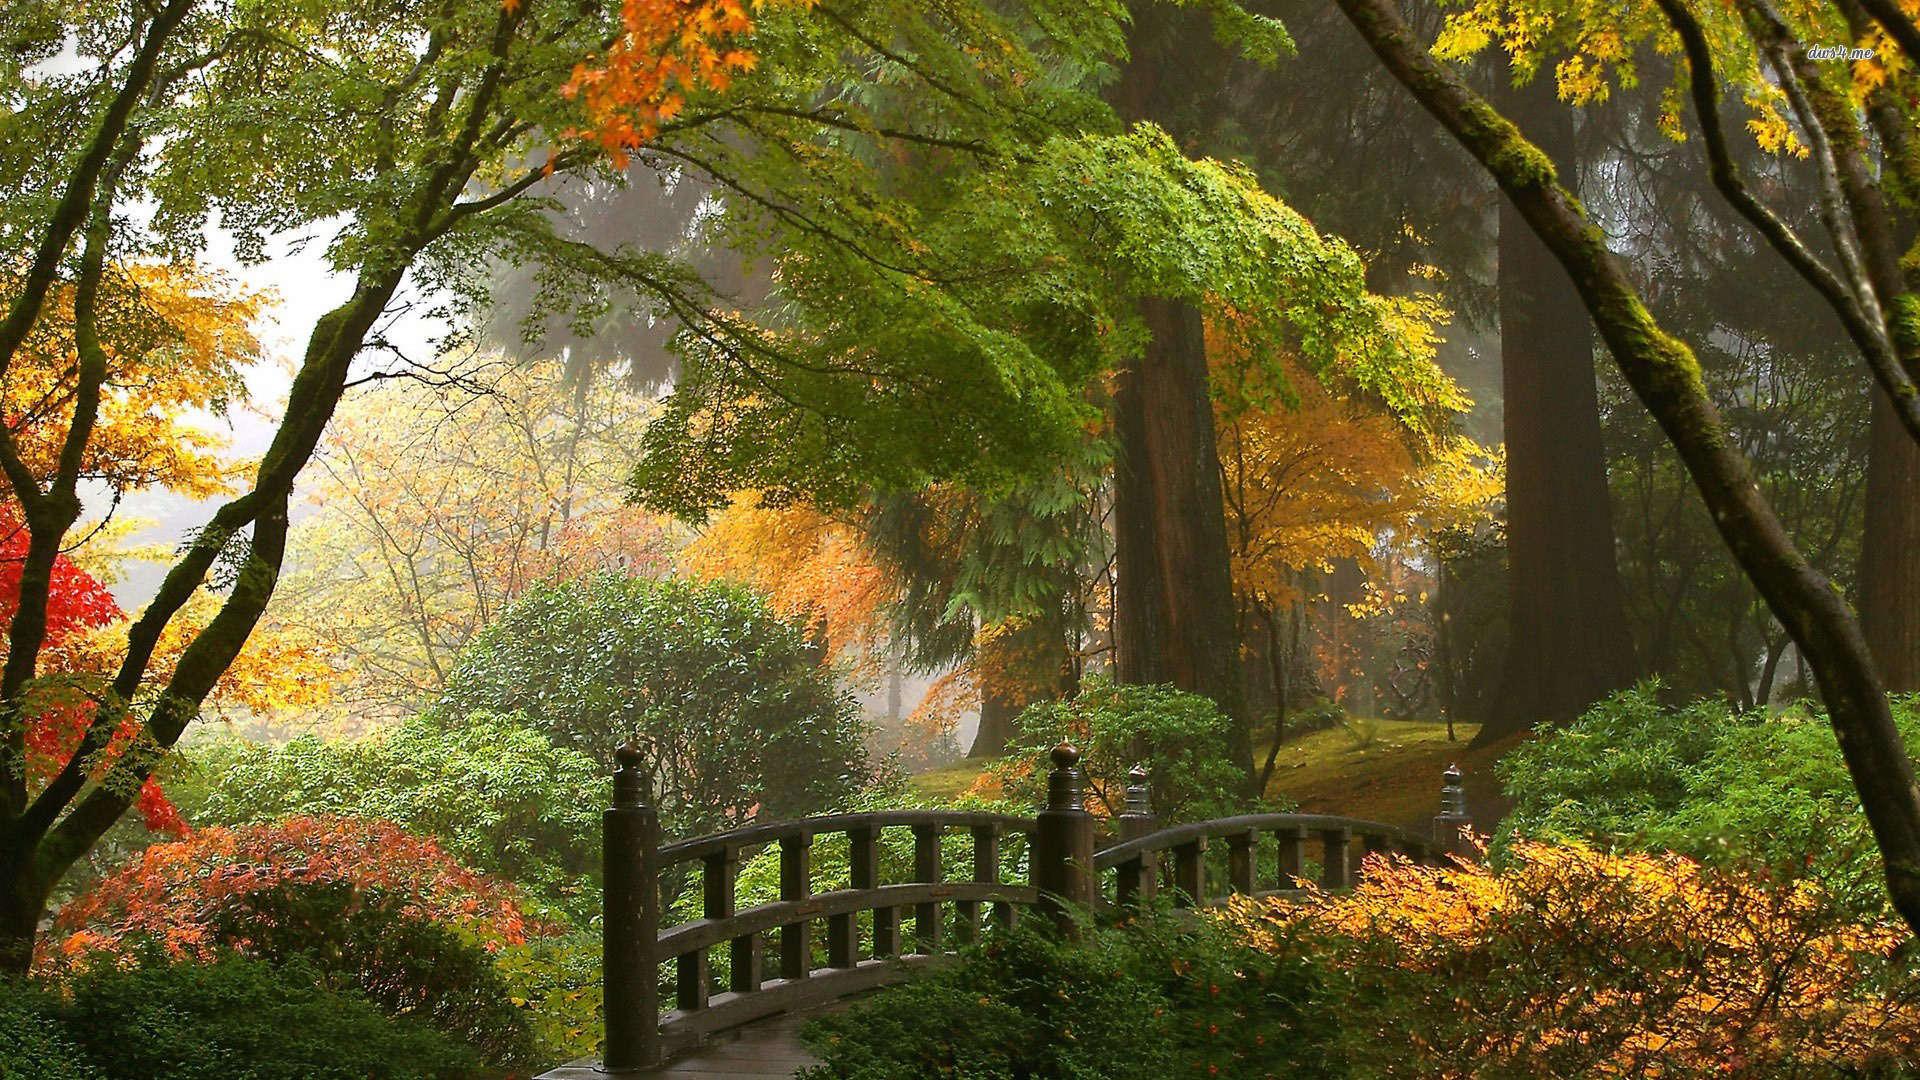 12484 japanese garden 1920x1080 nature wallpaper  AMB 1920x1080